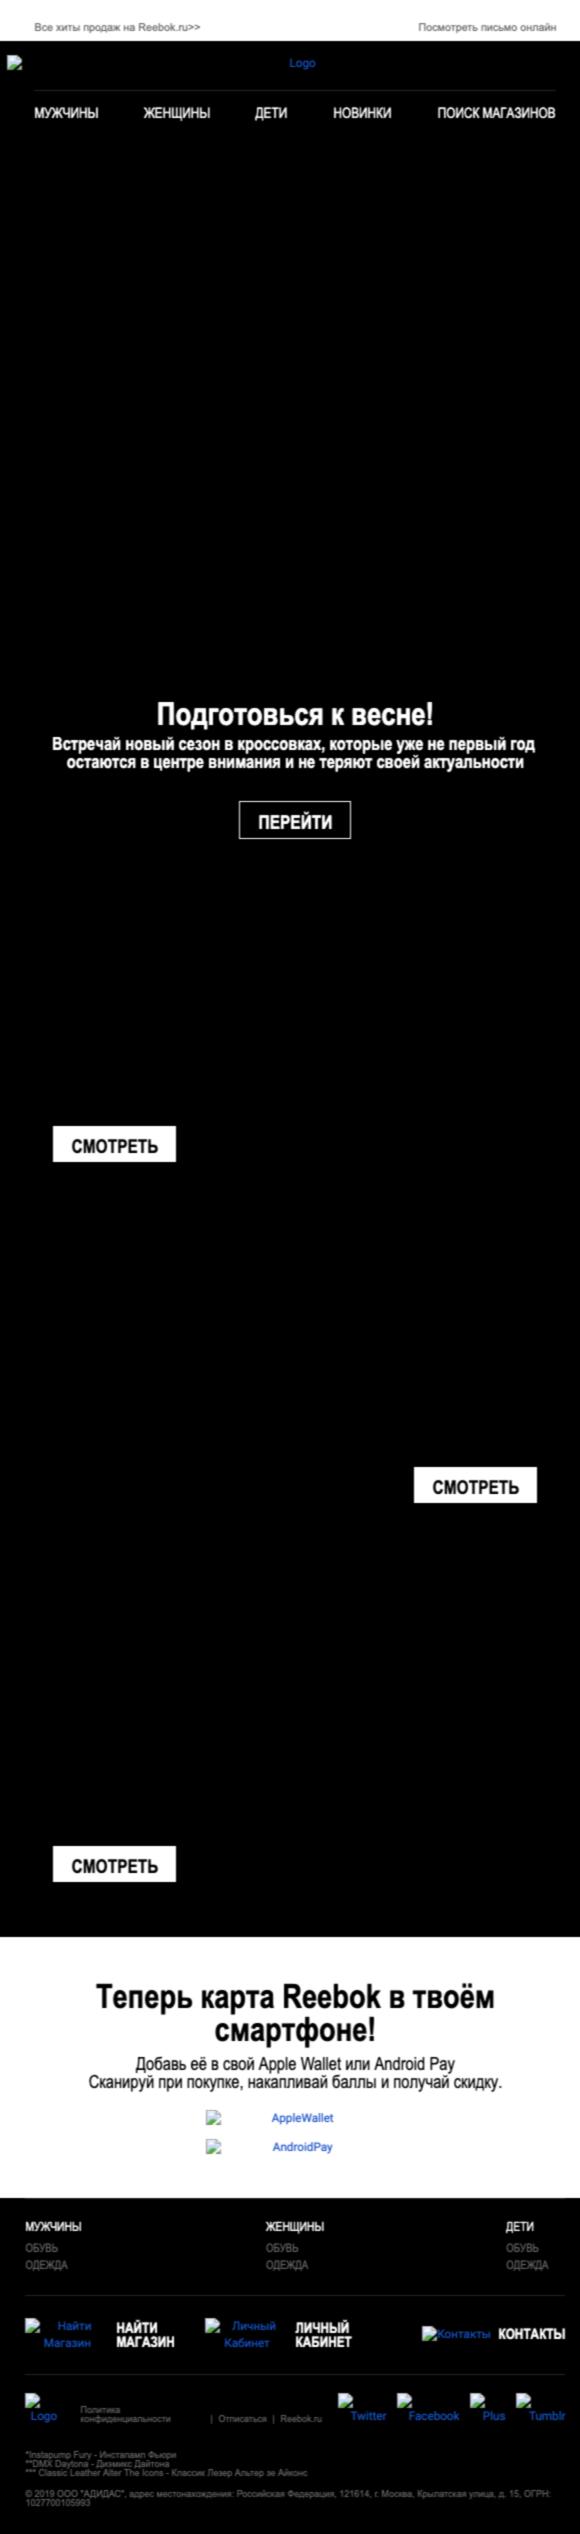 текстовые версии писем